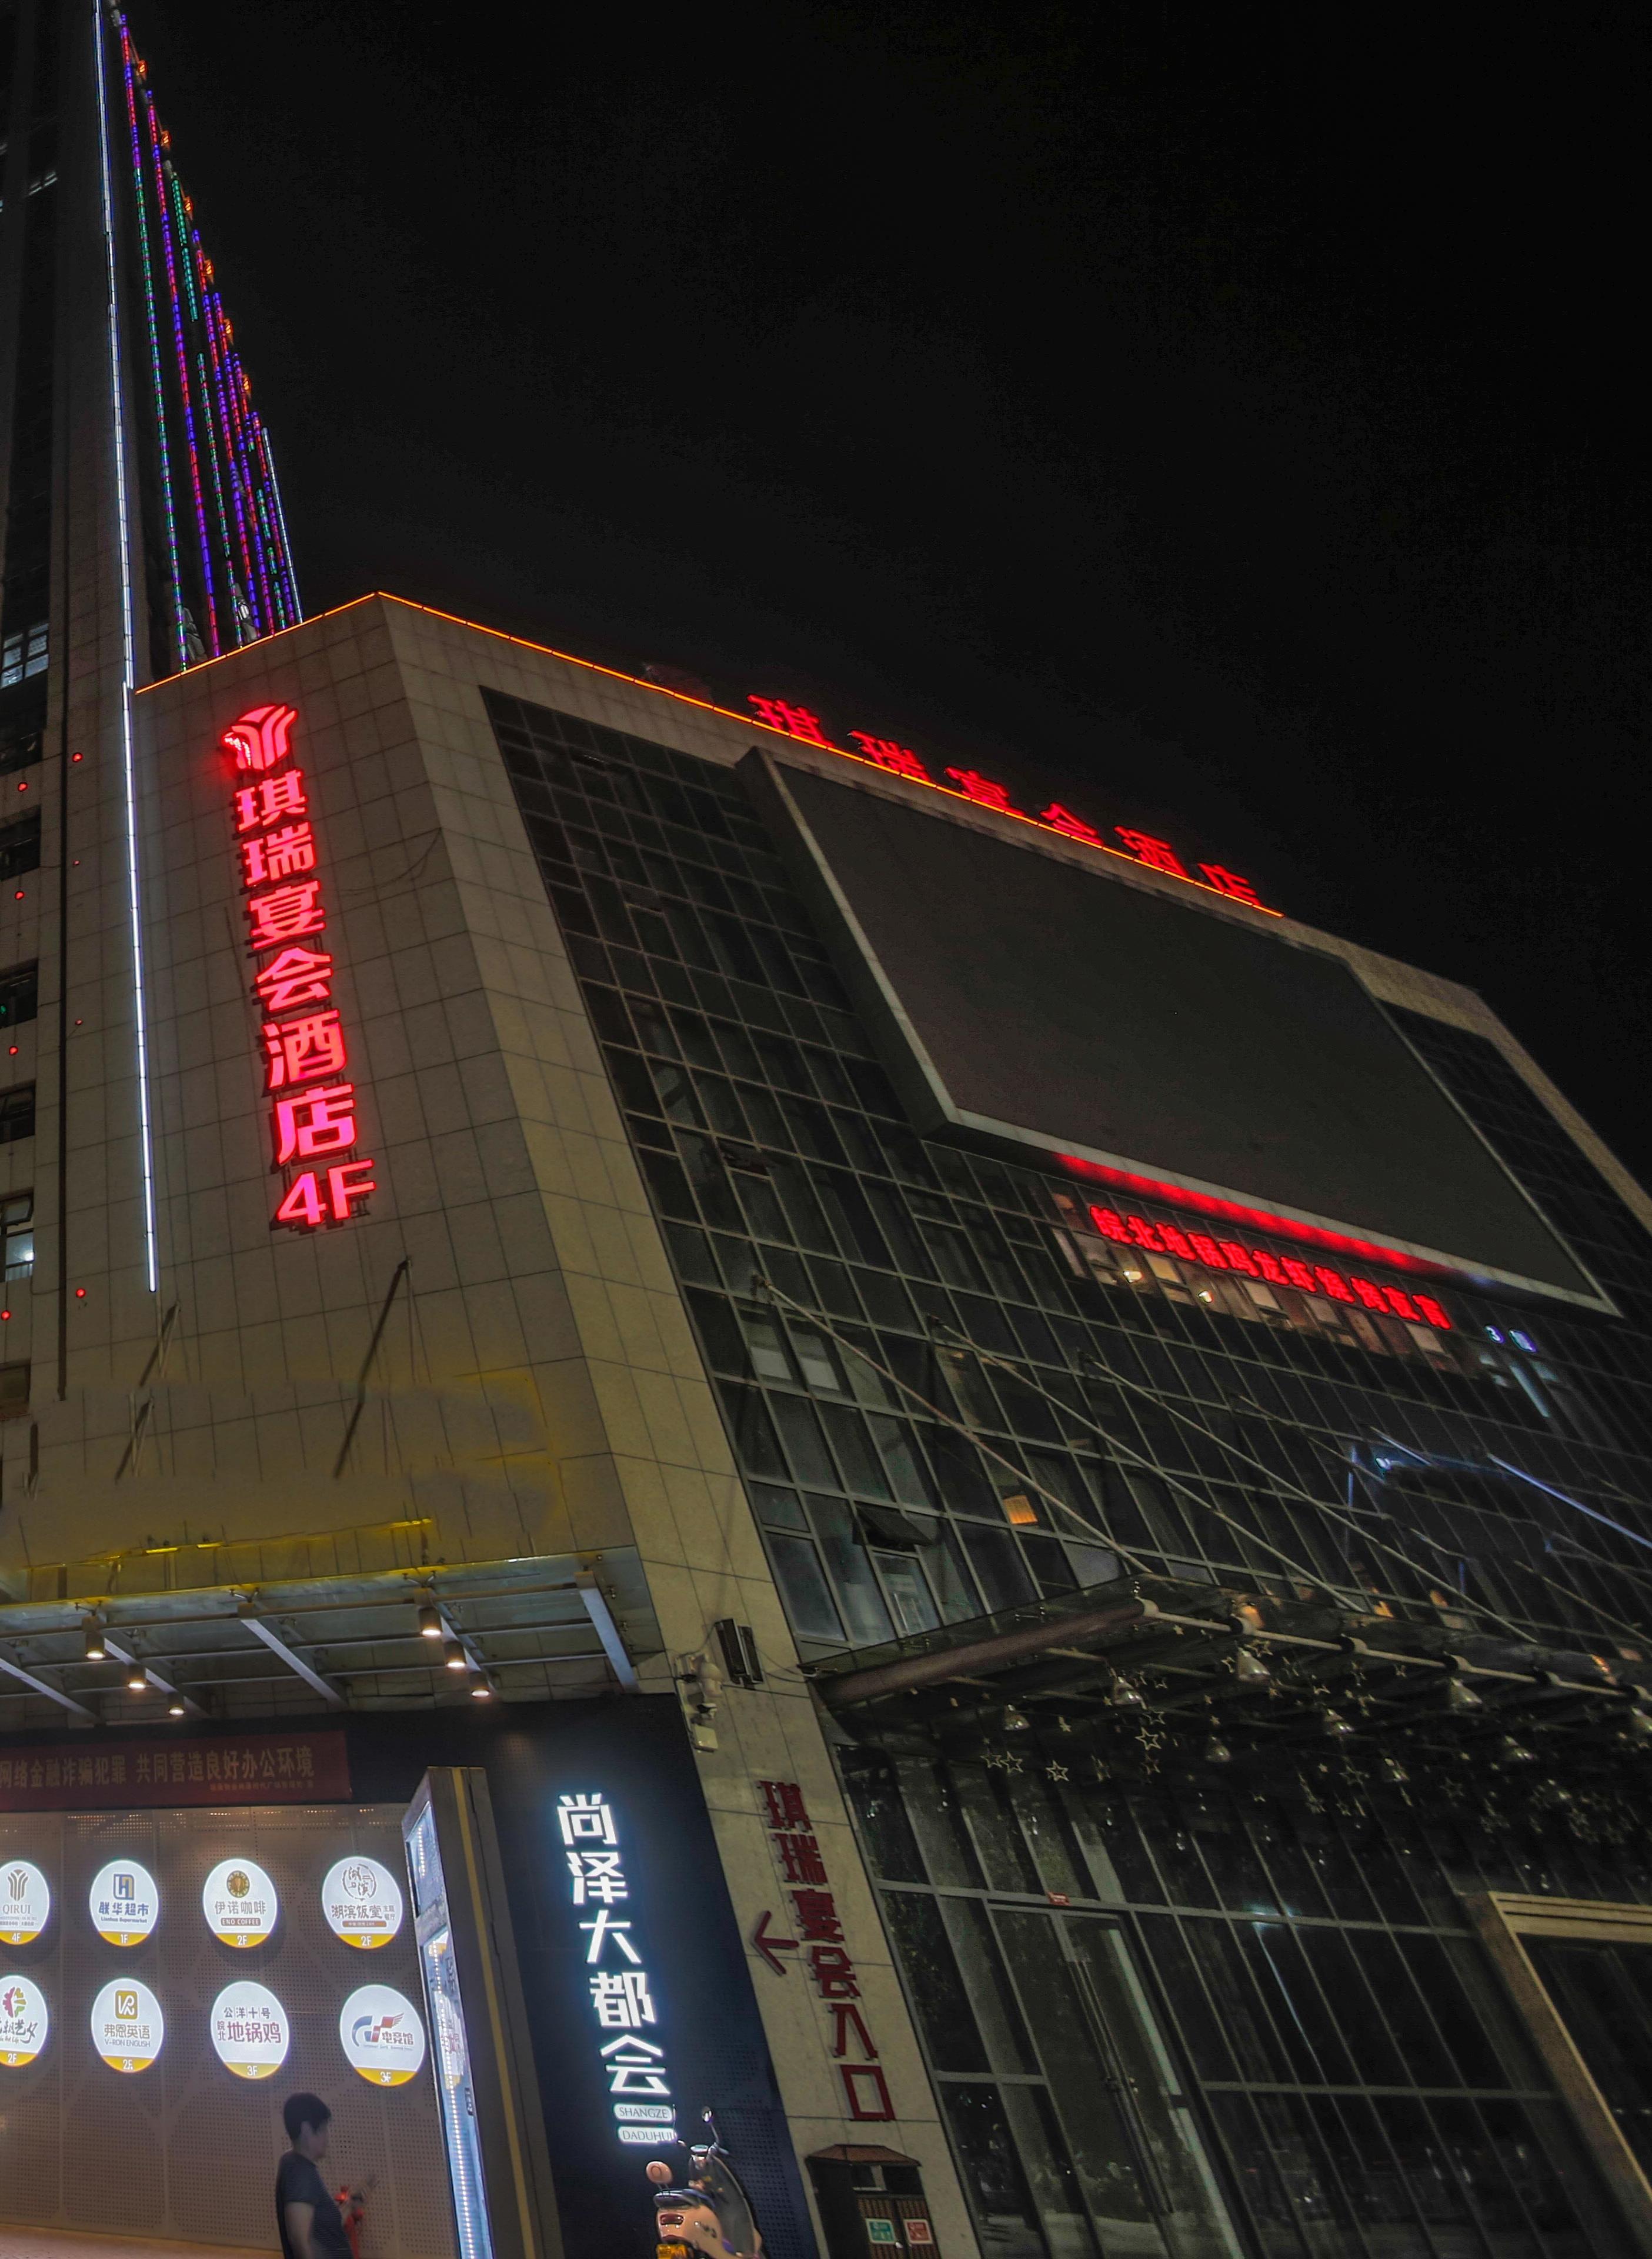 琪瑞宴会中心(大都会店)